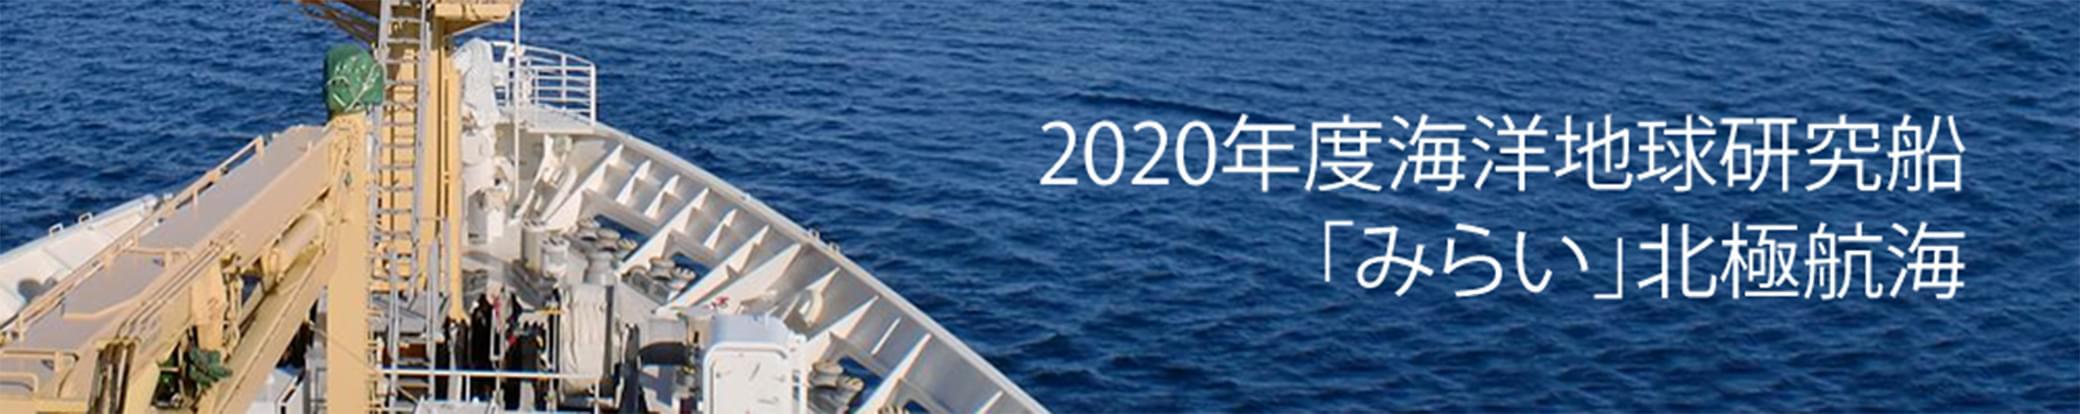 2020年度海洋地球研究船「みらい」北極航海